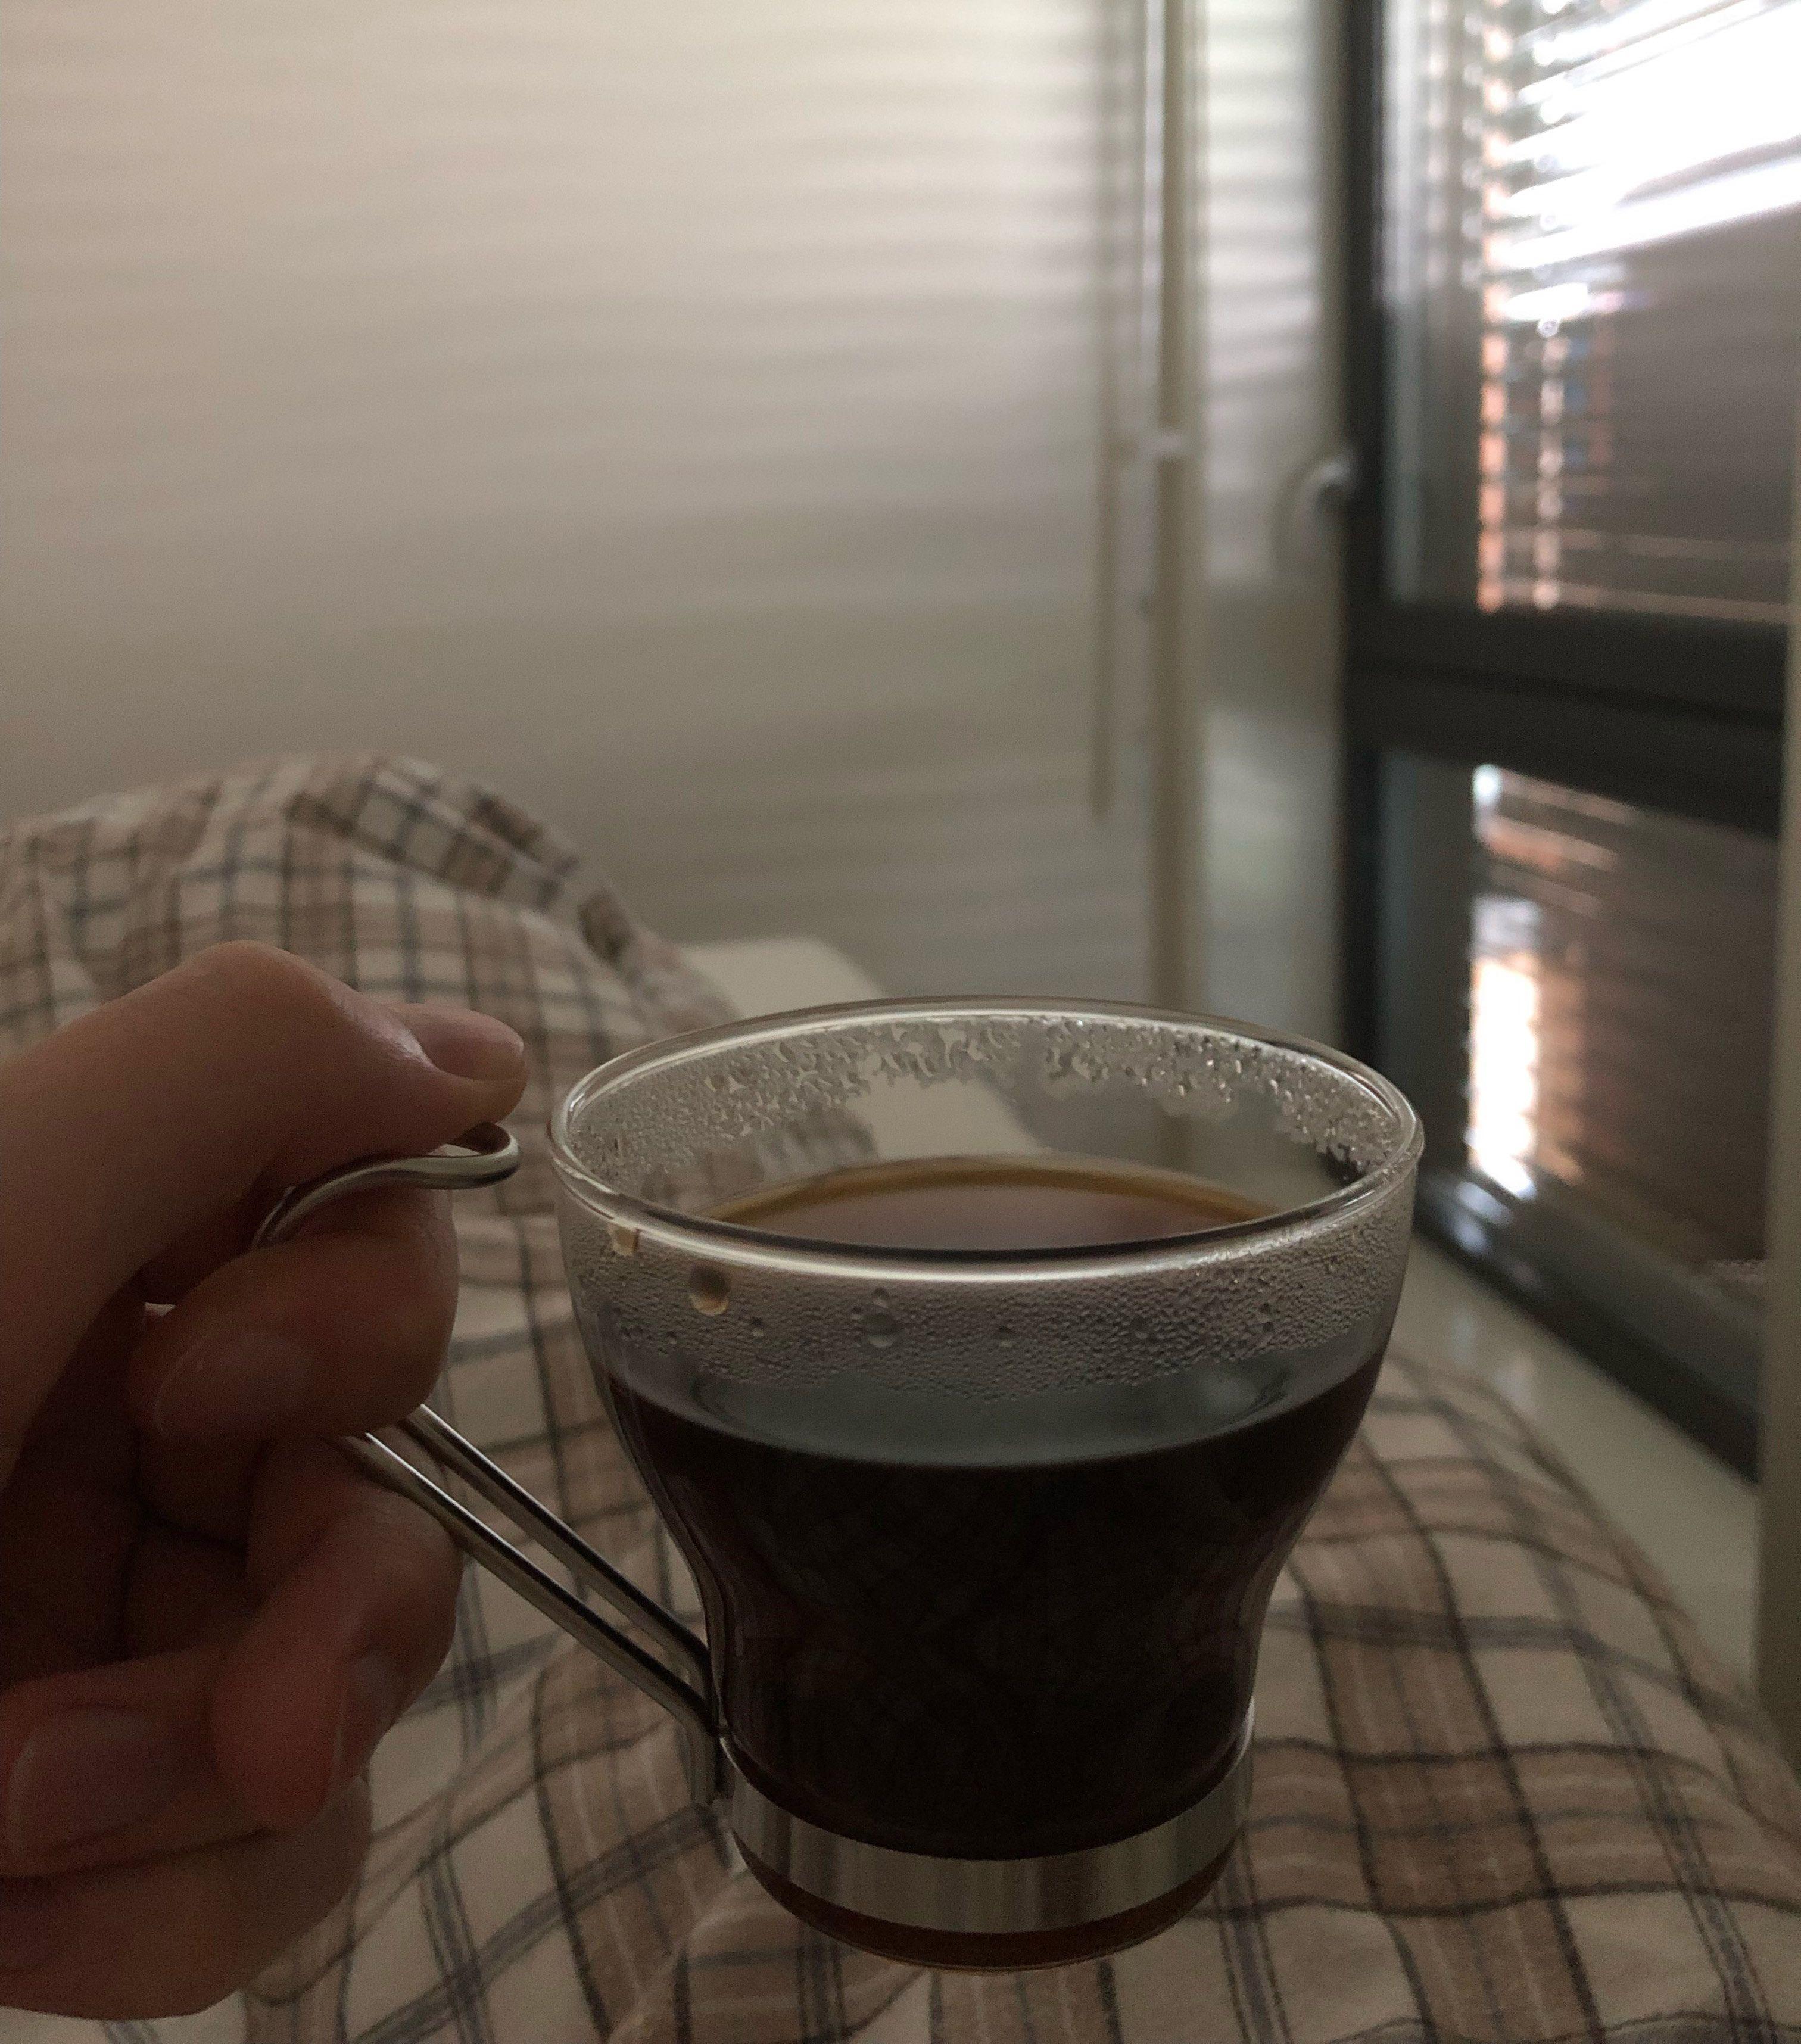 Det er deilig med en kopp kaffe før du har stått opp!